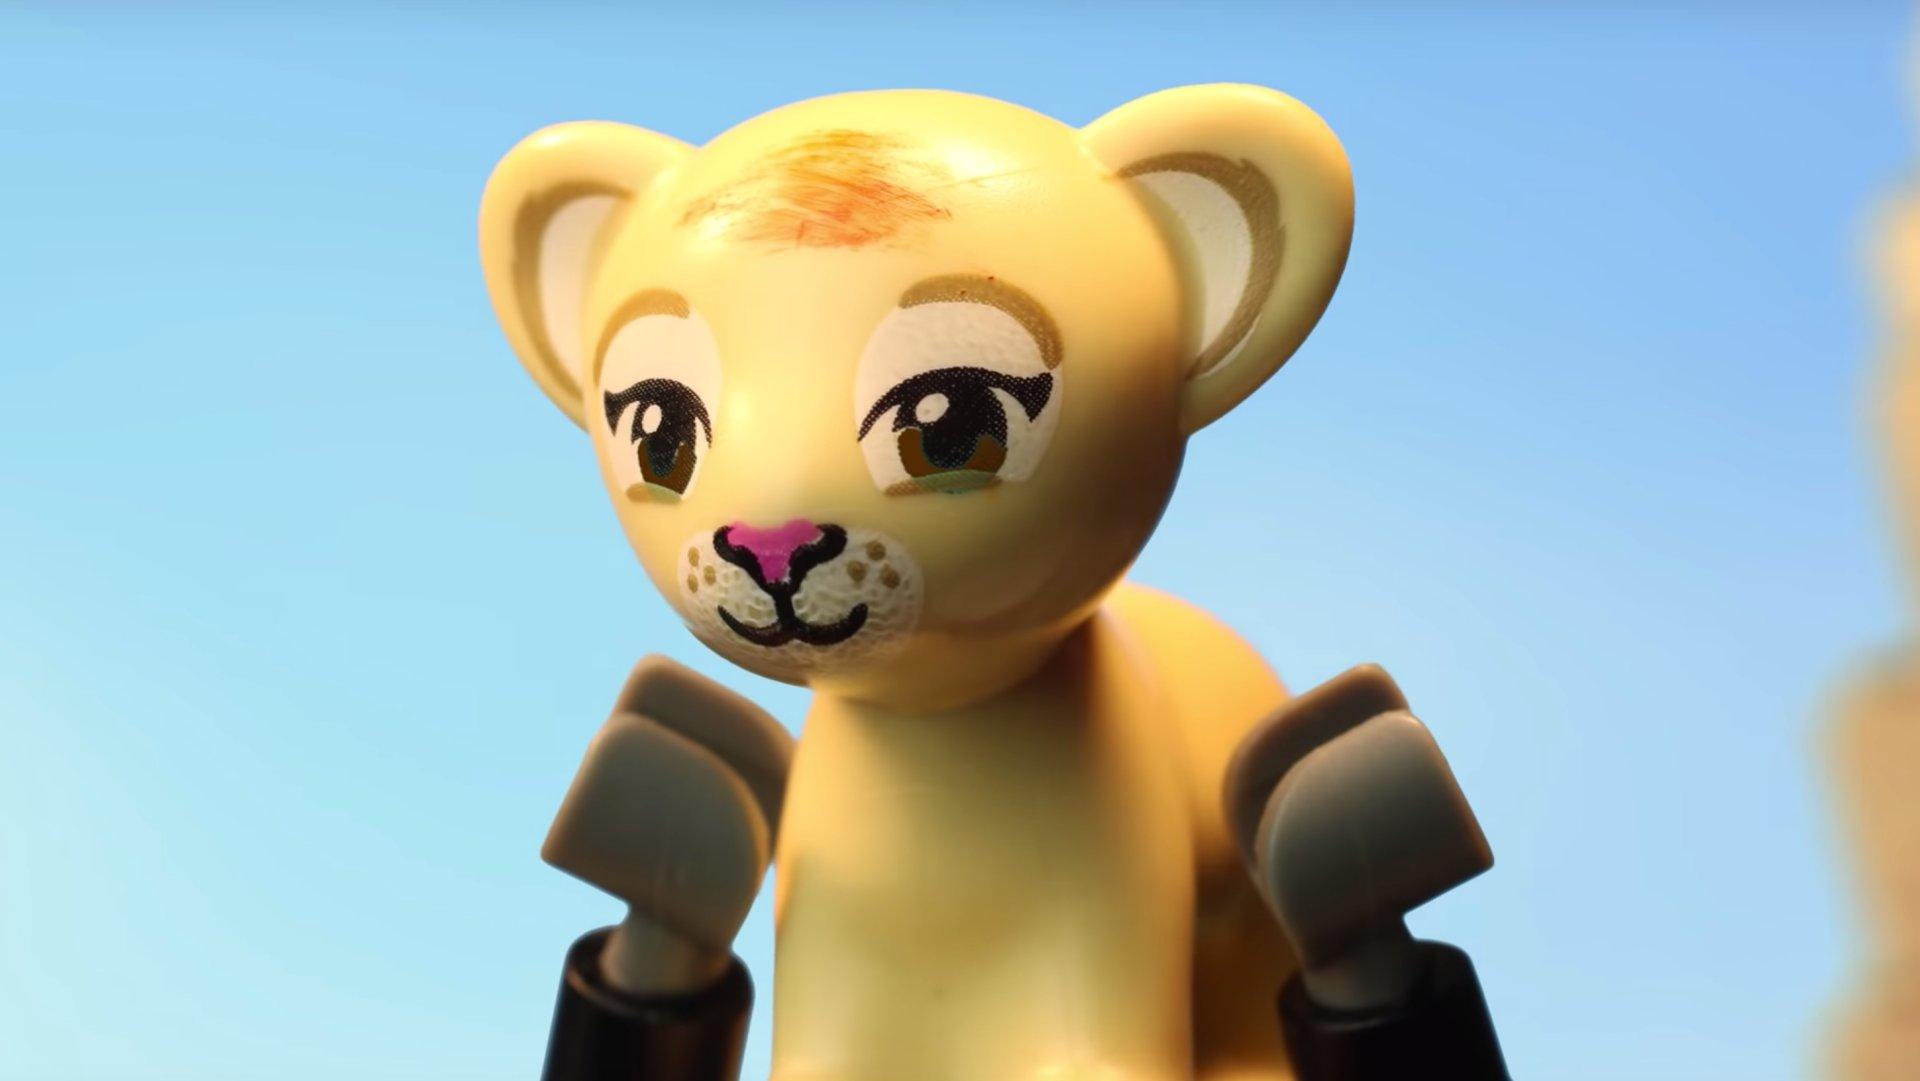 Król Lew (2019) - wywiad z Karolem Pikułą, twórcą trailera LEGO – Figurkowe ramki